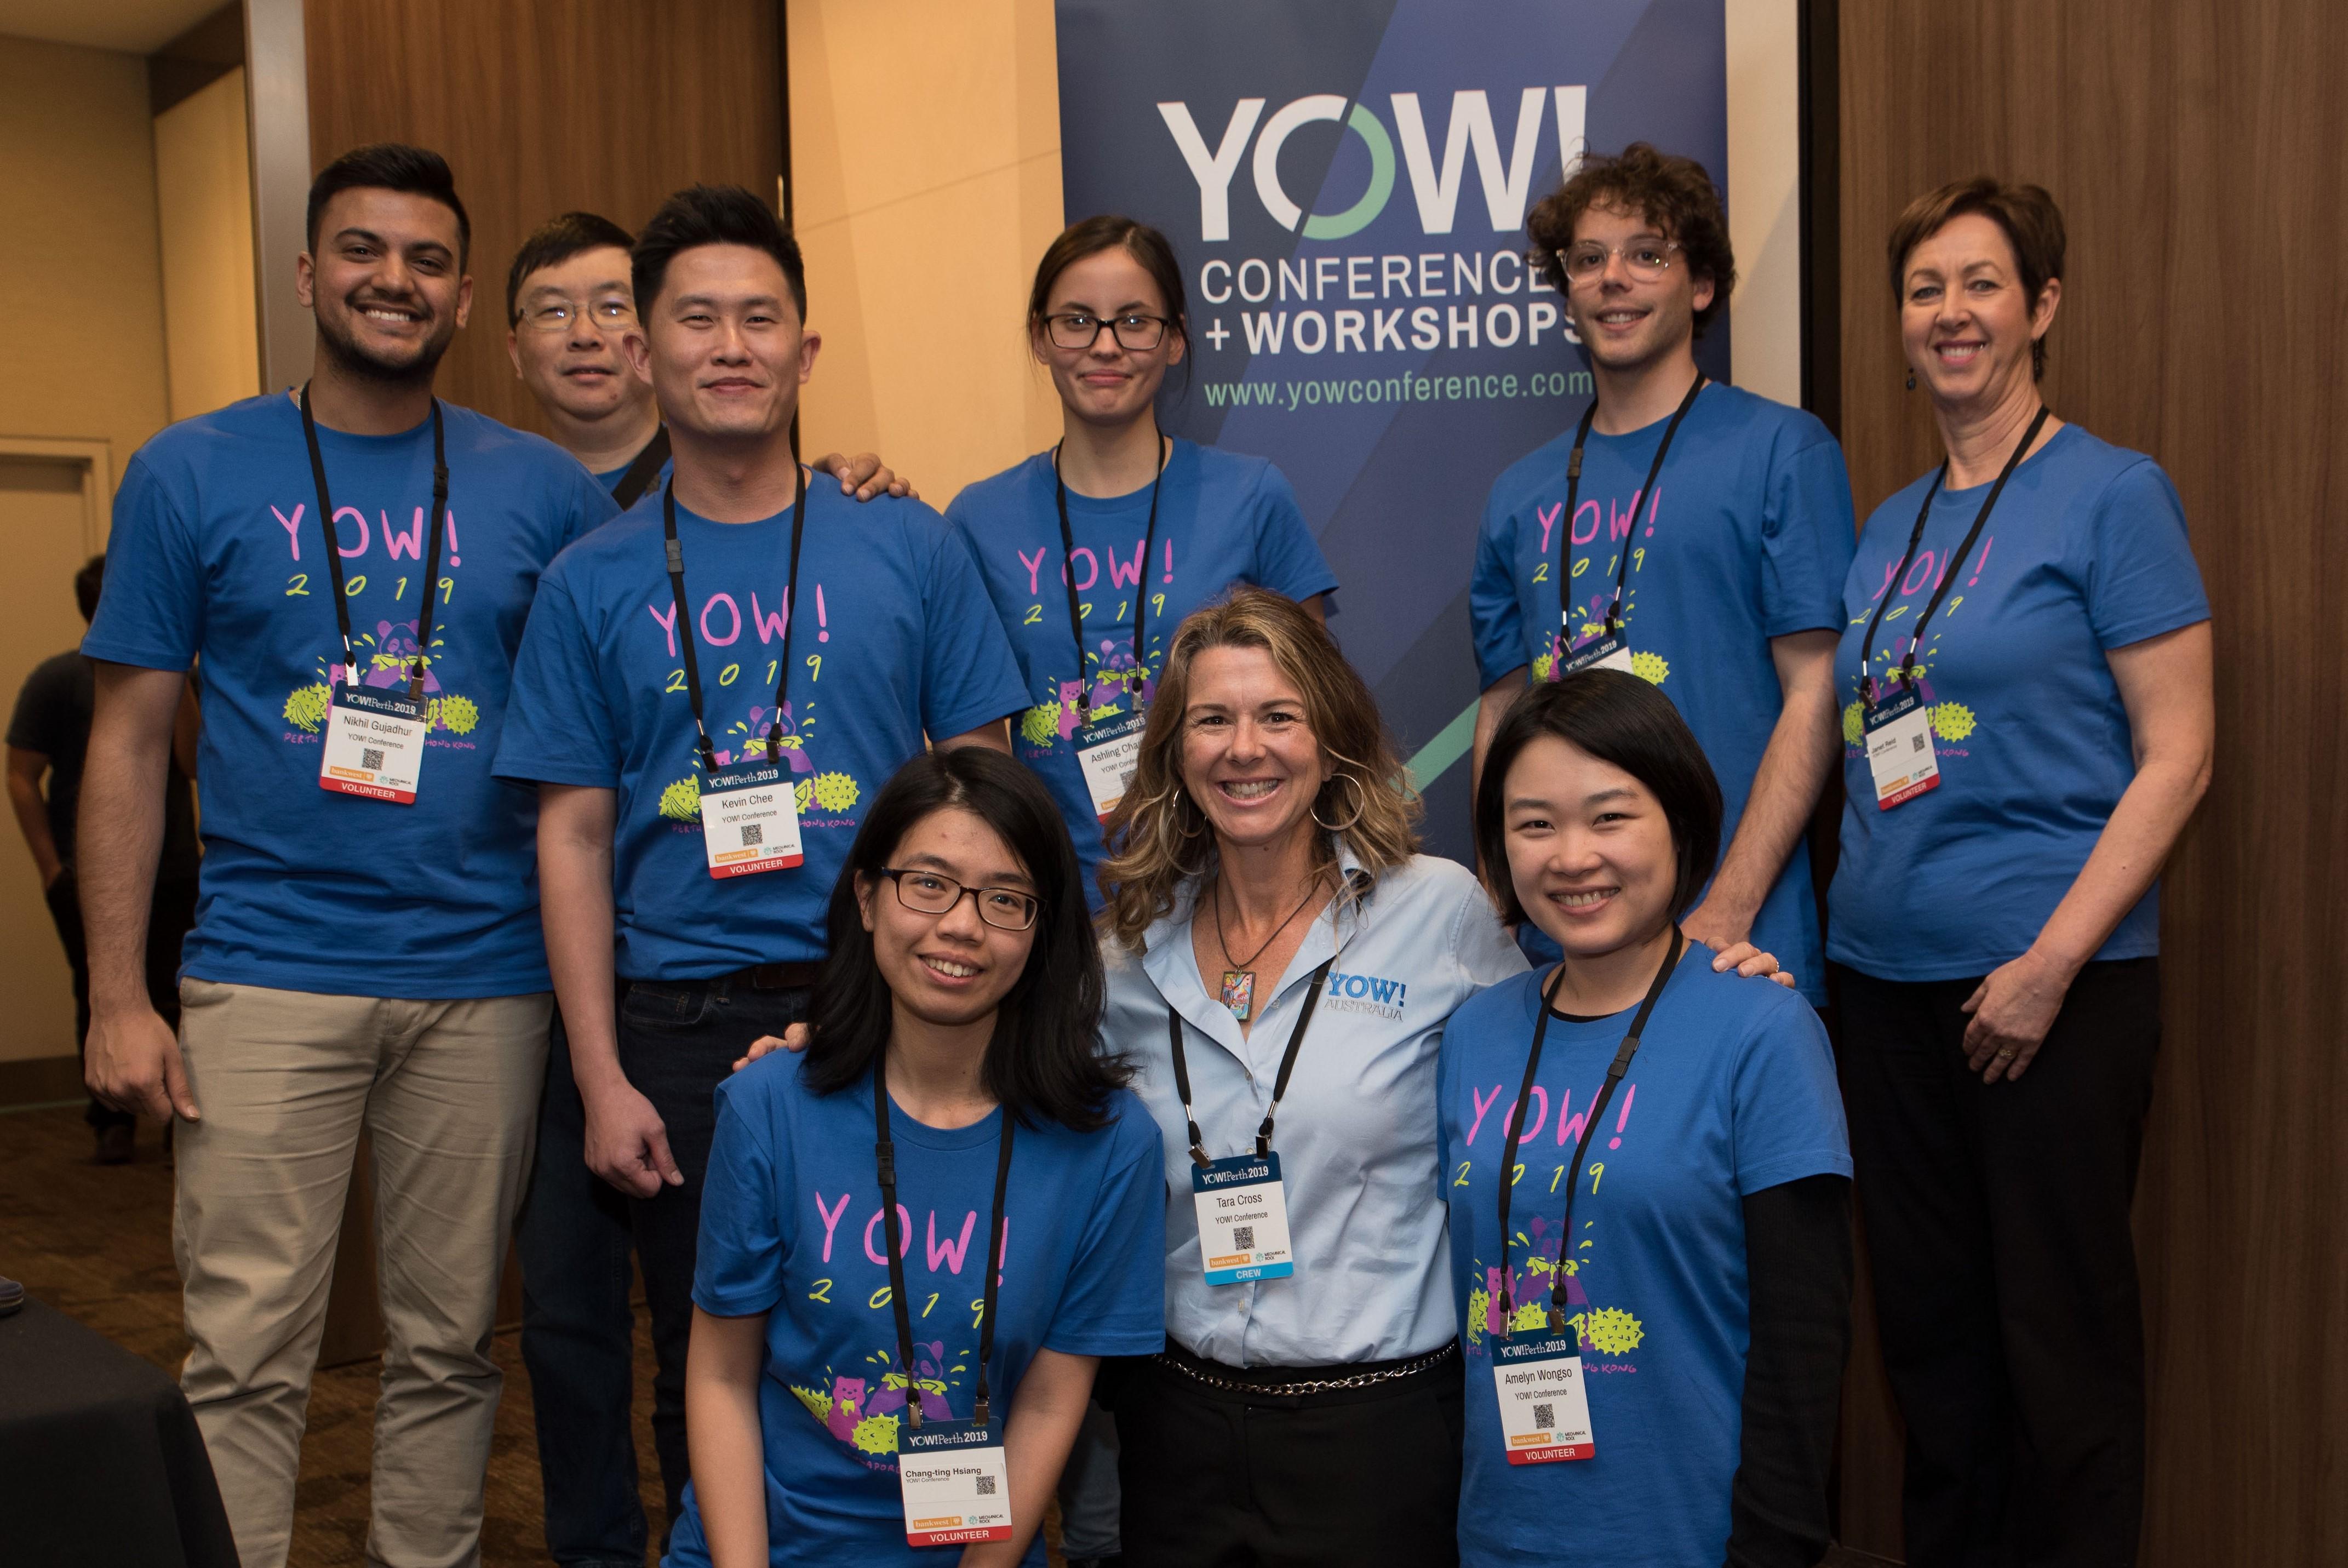 Volunteers at YOW! Perth